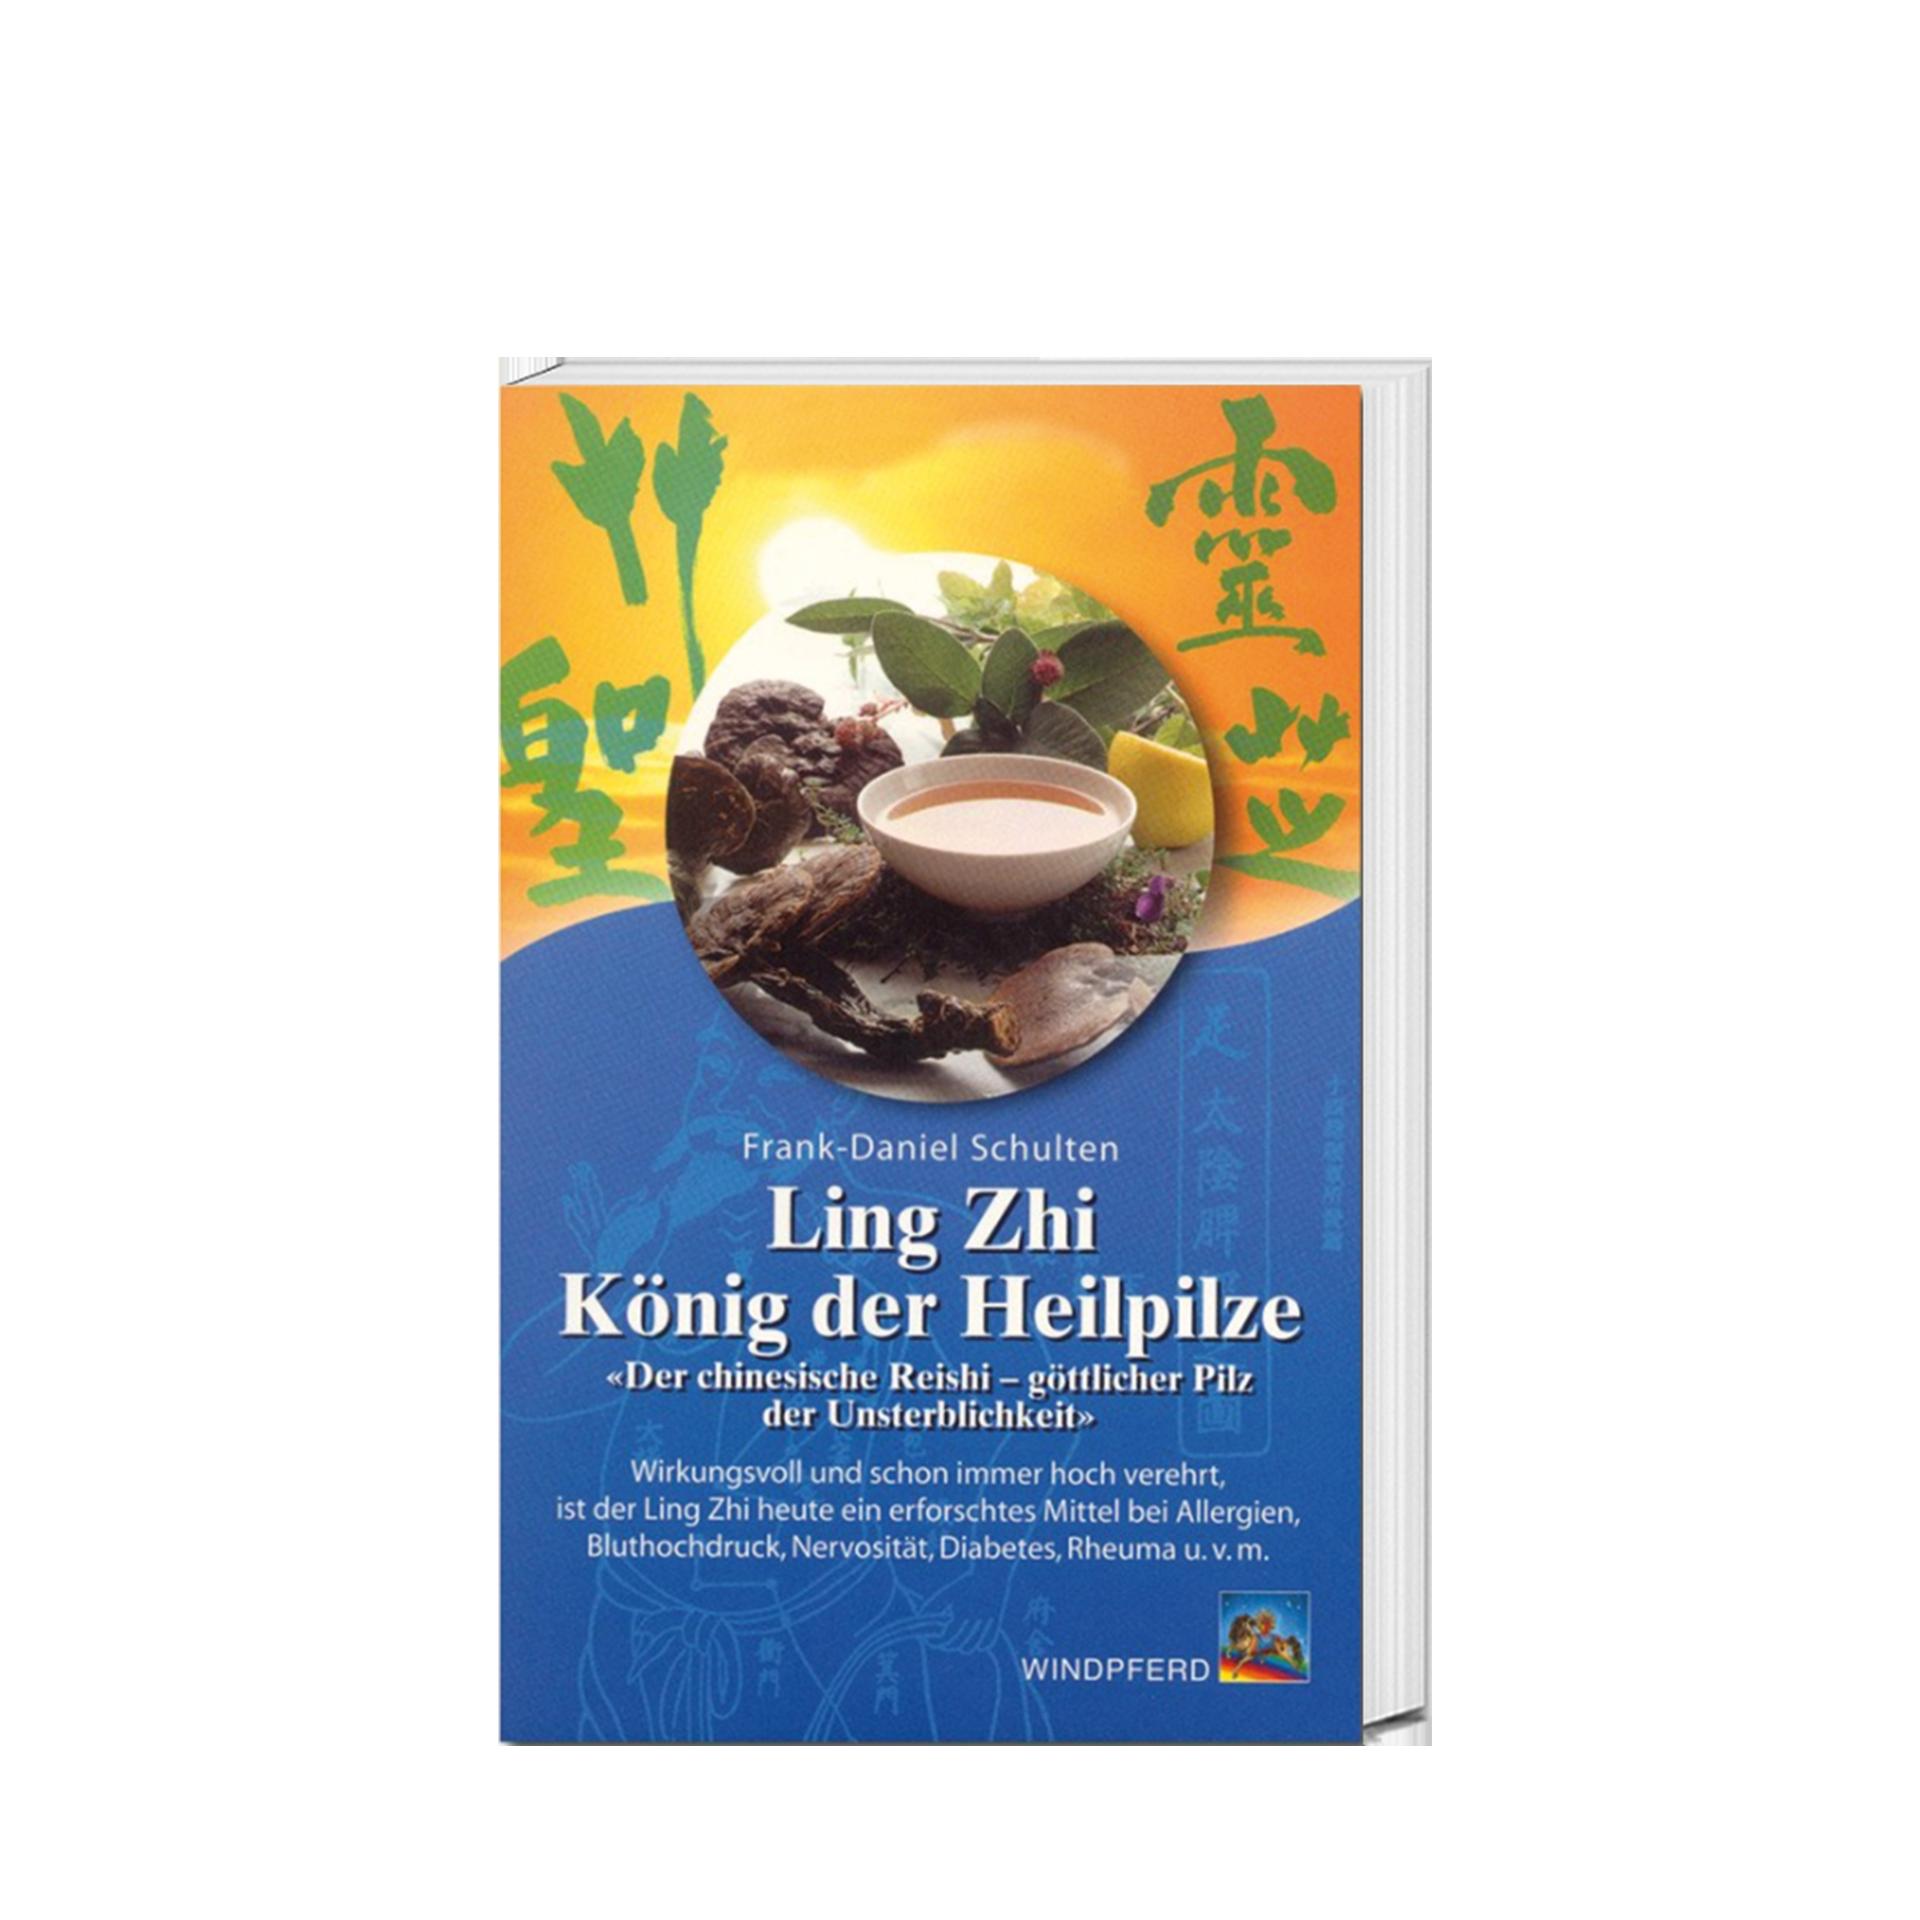 Ling Zhi König der Heilpilze, 119 Seiten